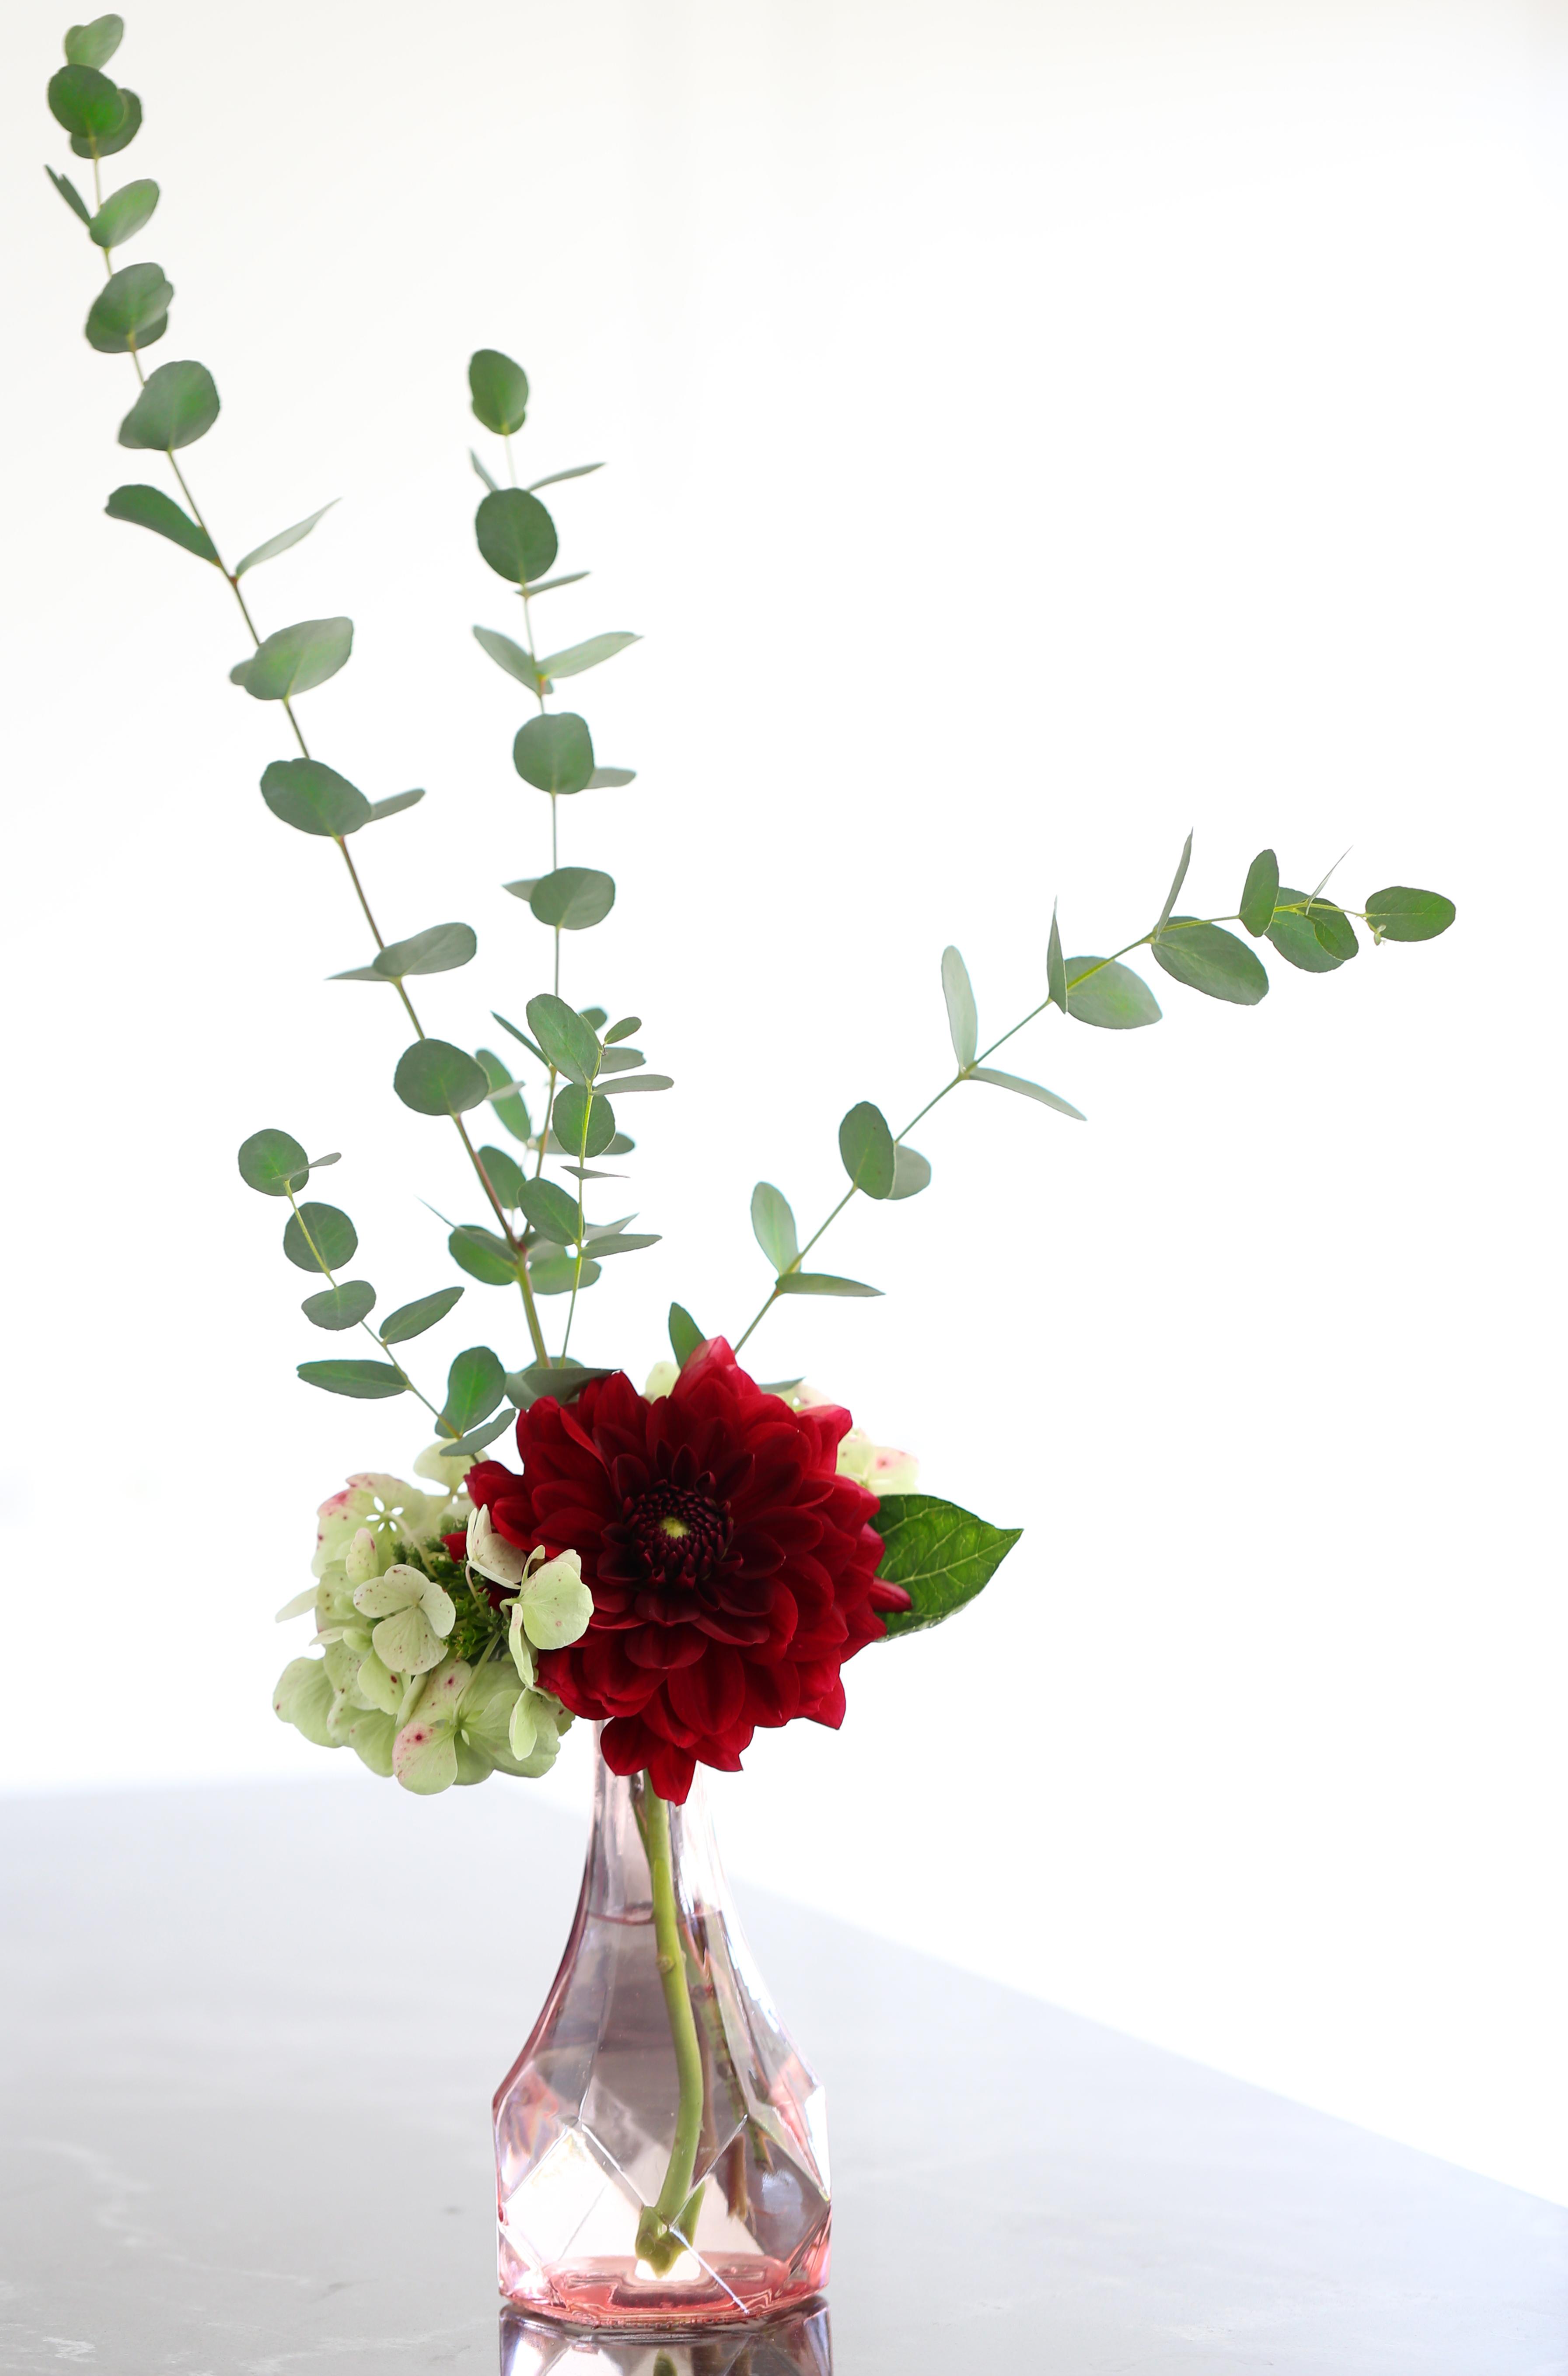 Bouquet d'été - dahlia, hortensia, eucalyptus - delimoon.com